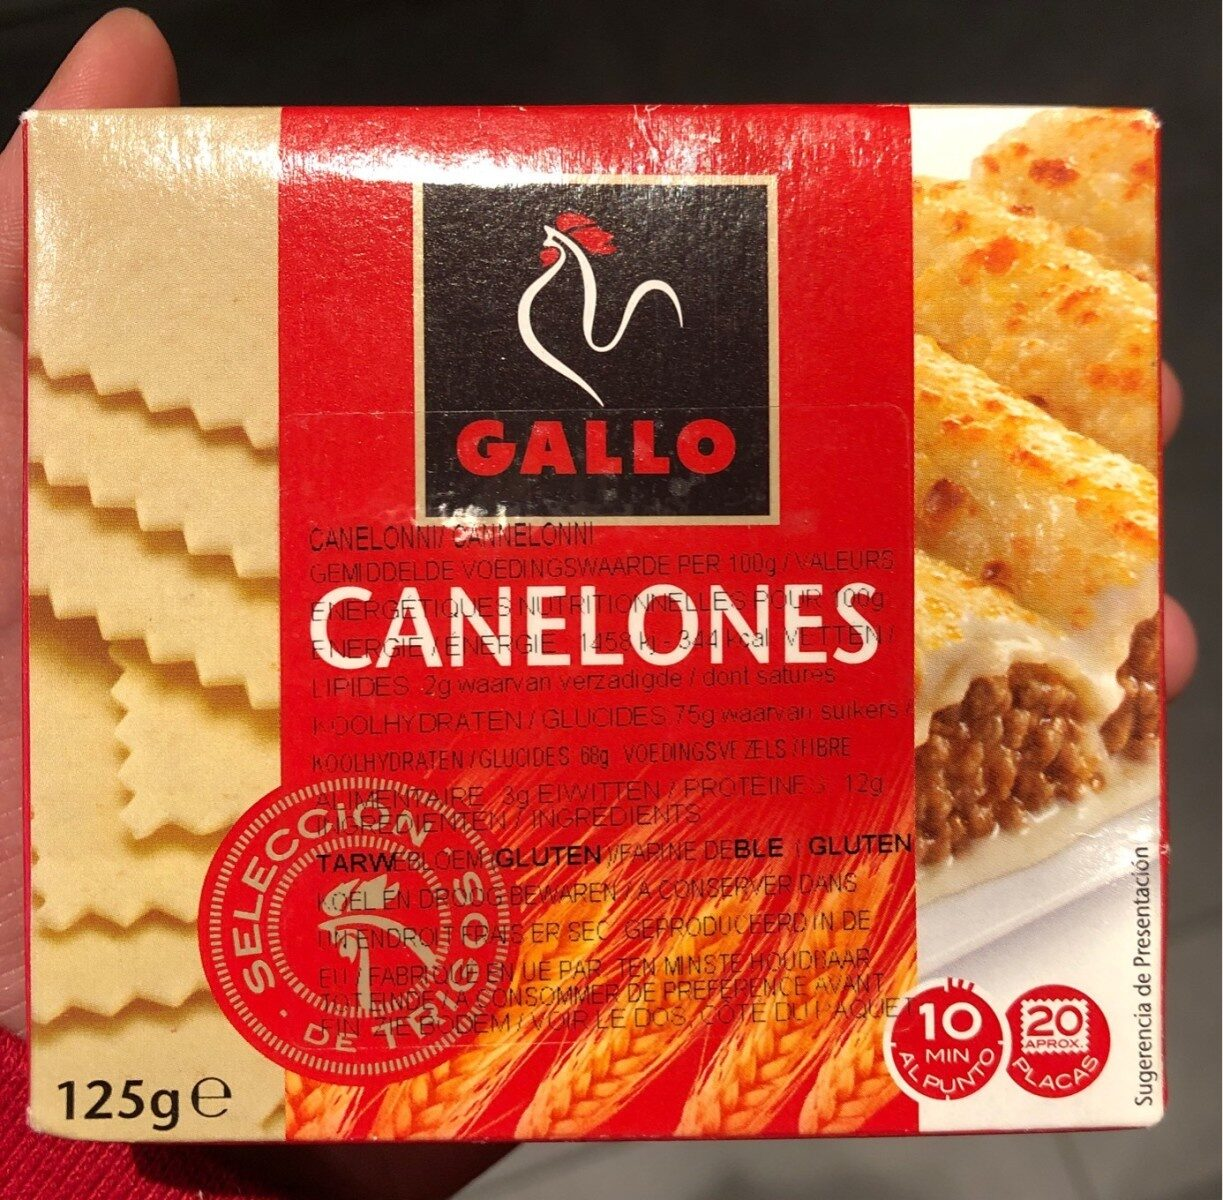 Canelones Gallo 20 Placas 125G - Produit